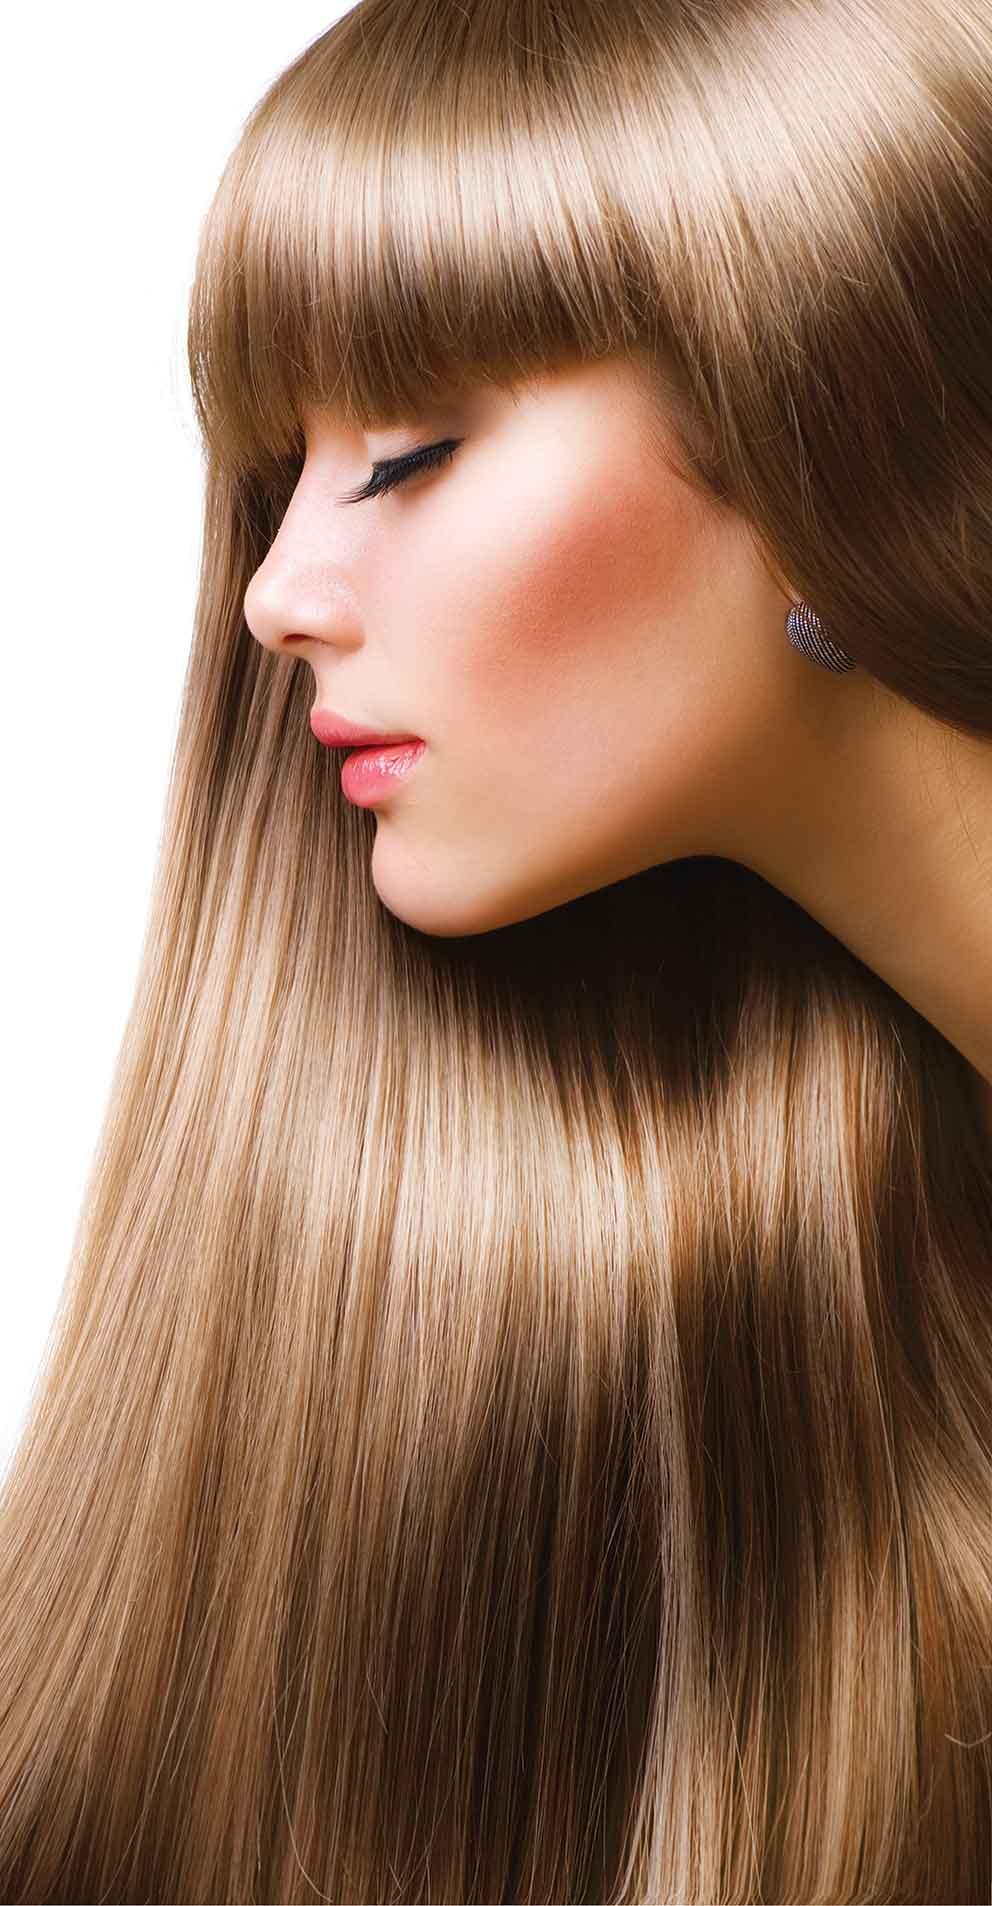 Чай для волос — прекрасное косметическое средство по уходу за ними